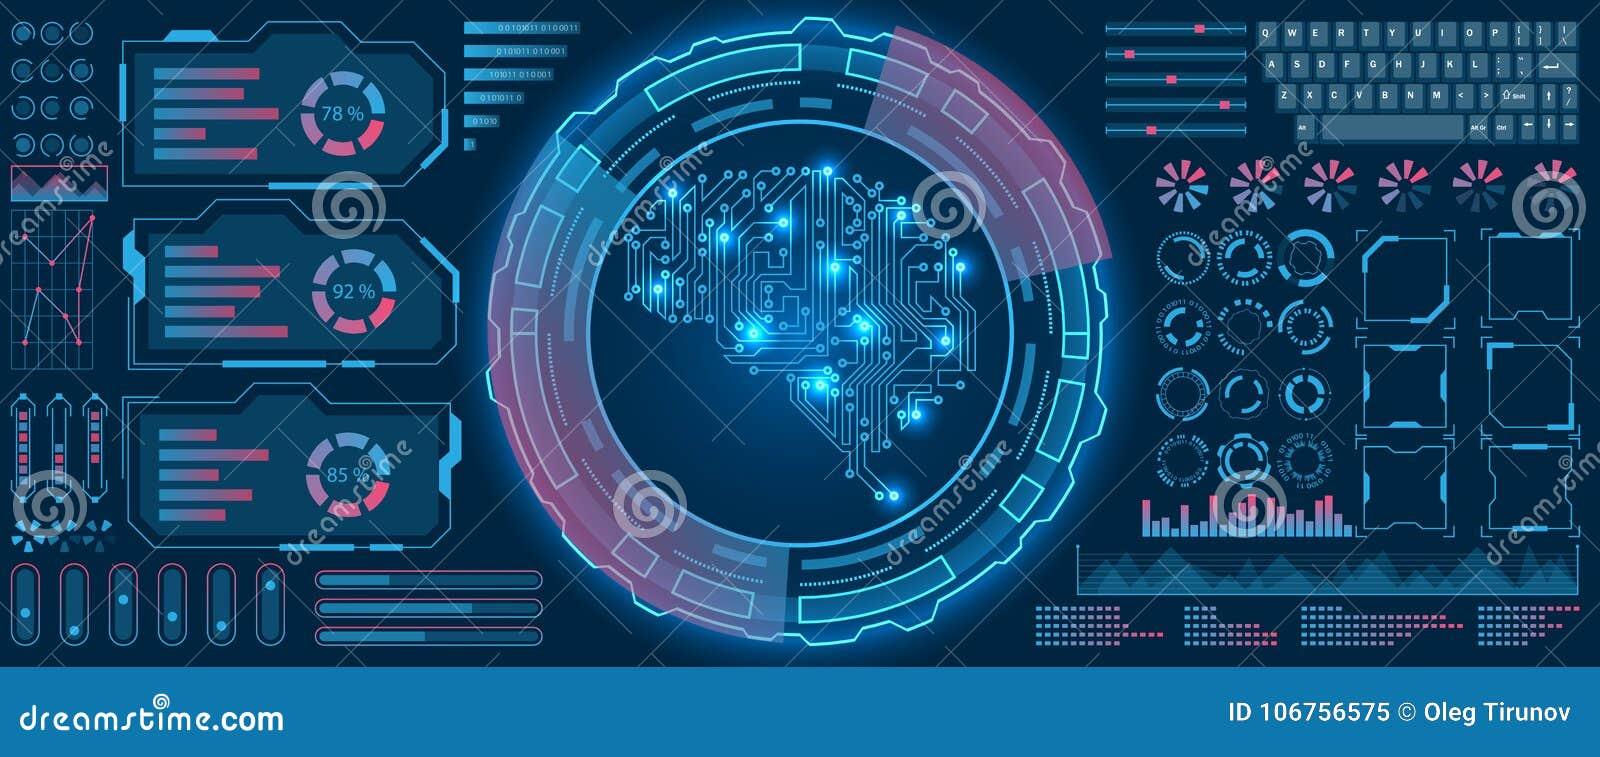 De abstracte Interface van Hud UI, de Virtuele Achtergrond van het Scherm Futuristische hallo Technologie